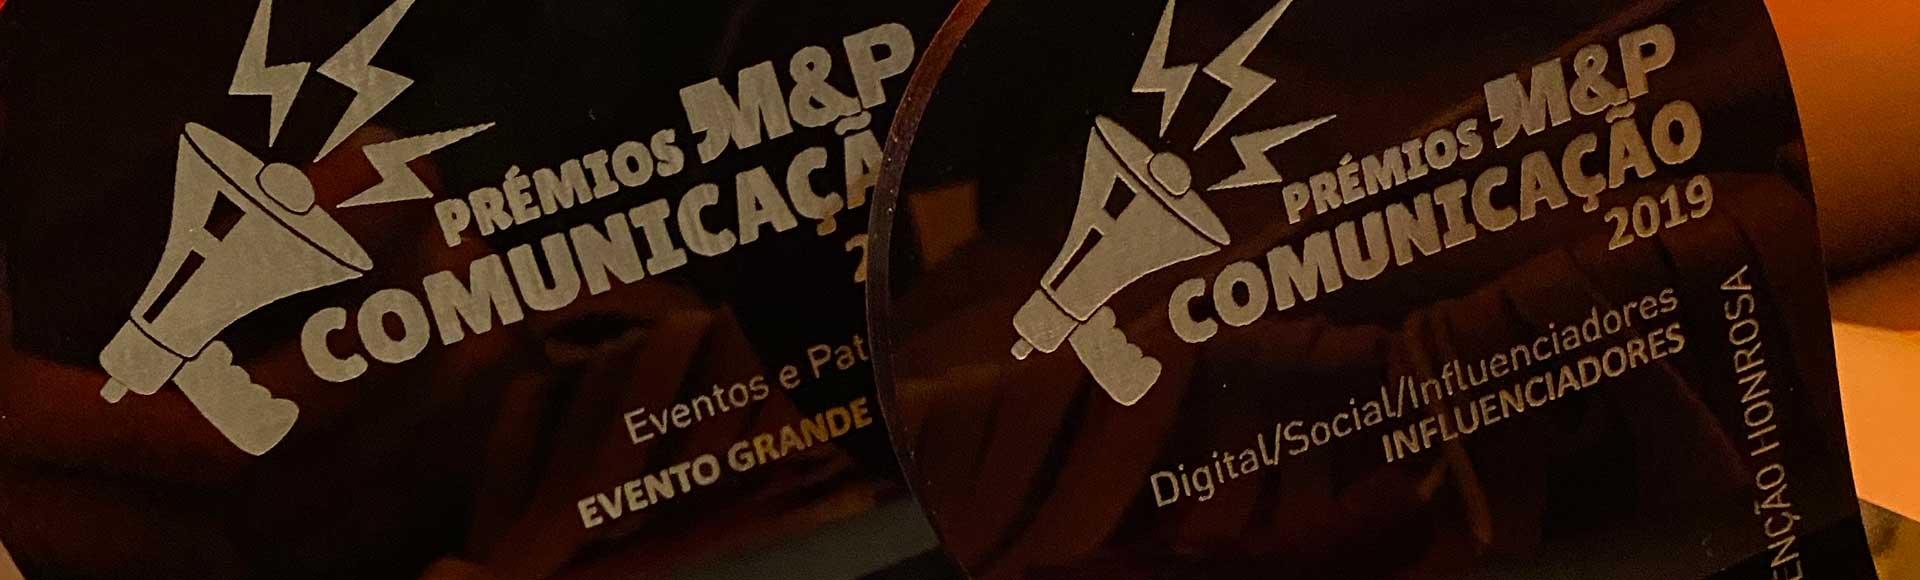 SA365 é destaque nos Prémios Comunicação M&P